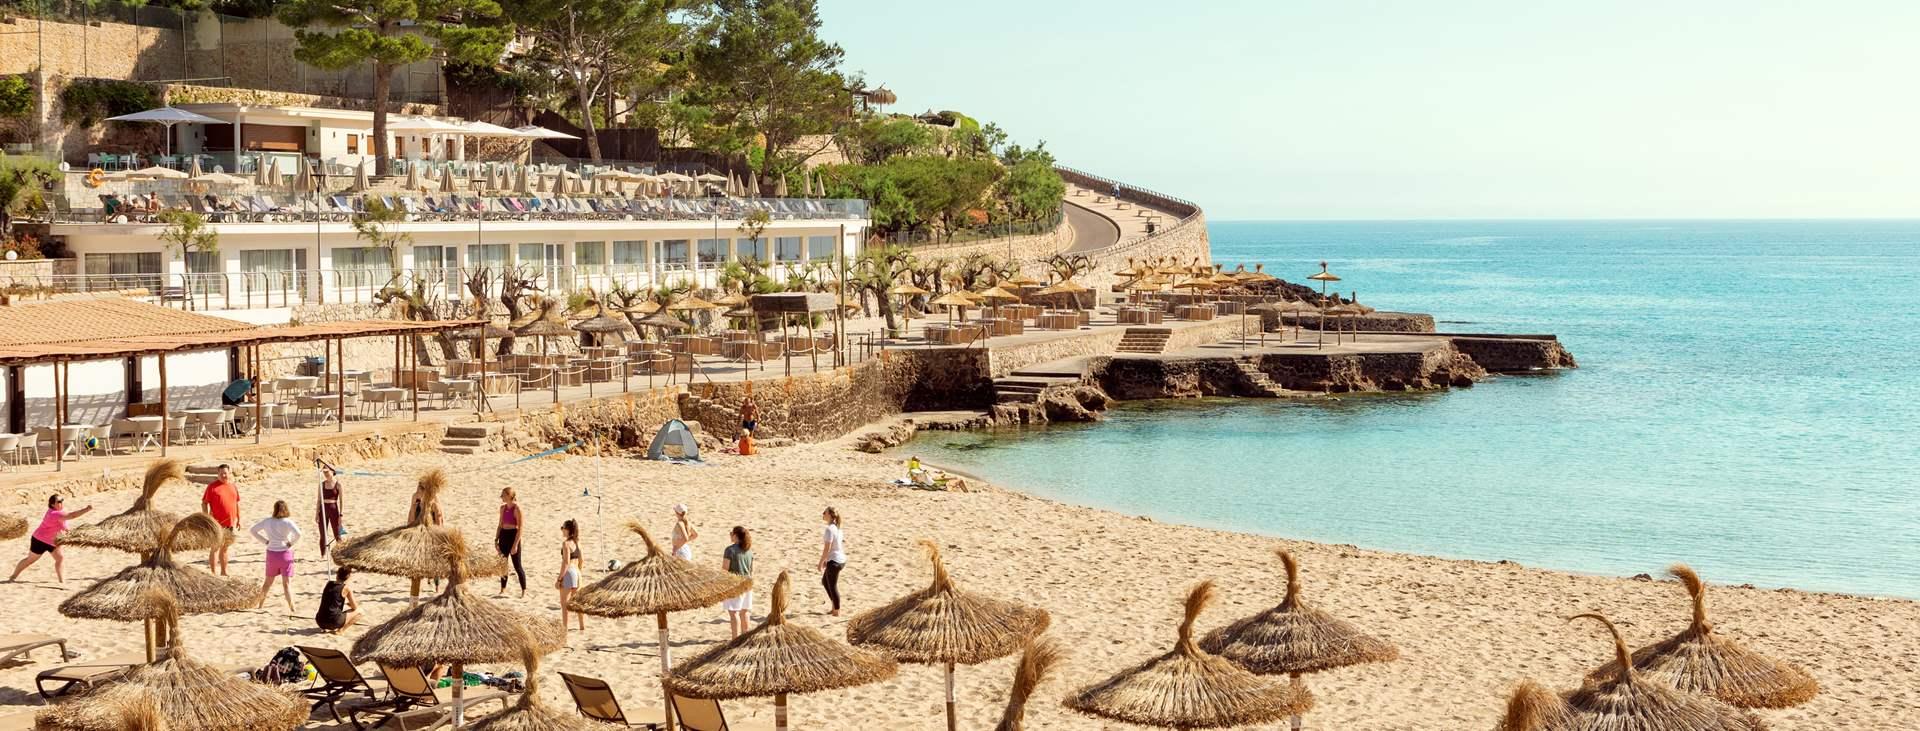 Bestill en reise til Cala San Vicente på Mallorca